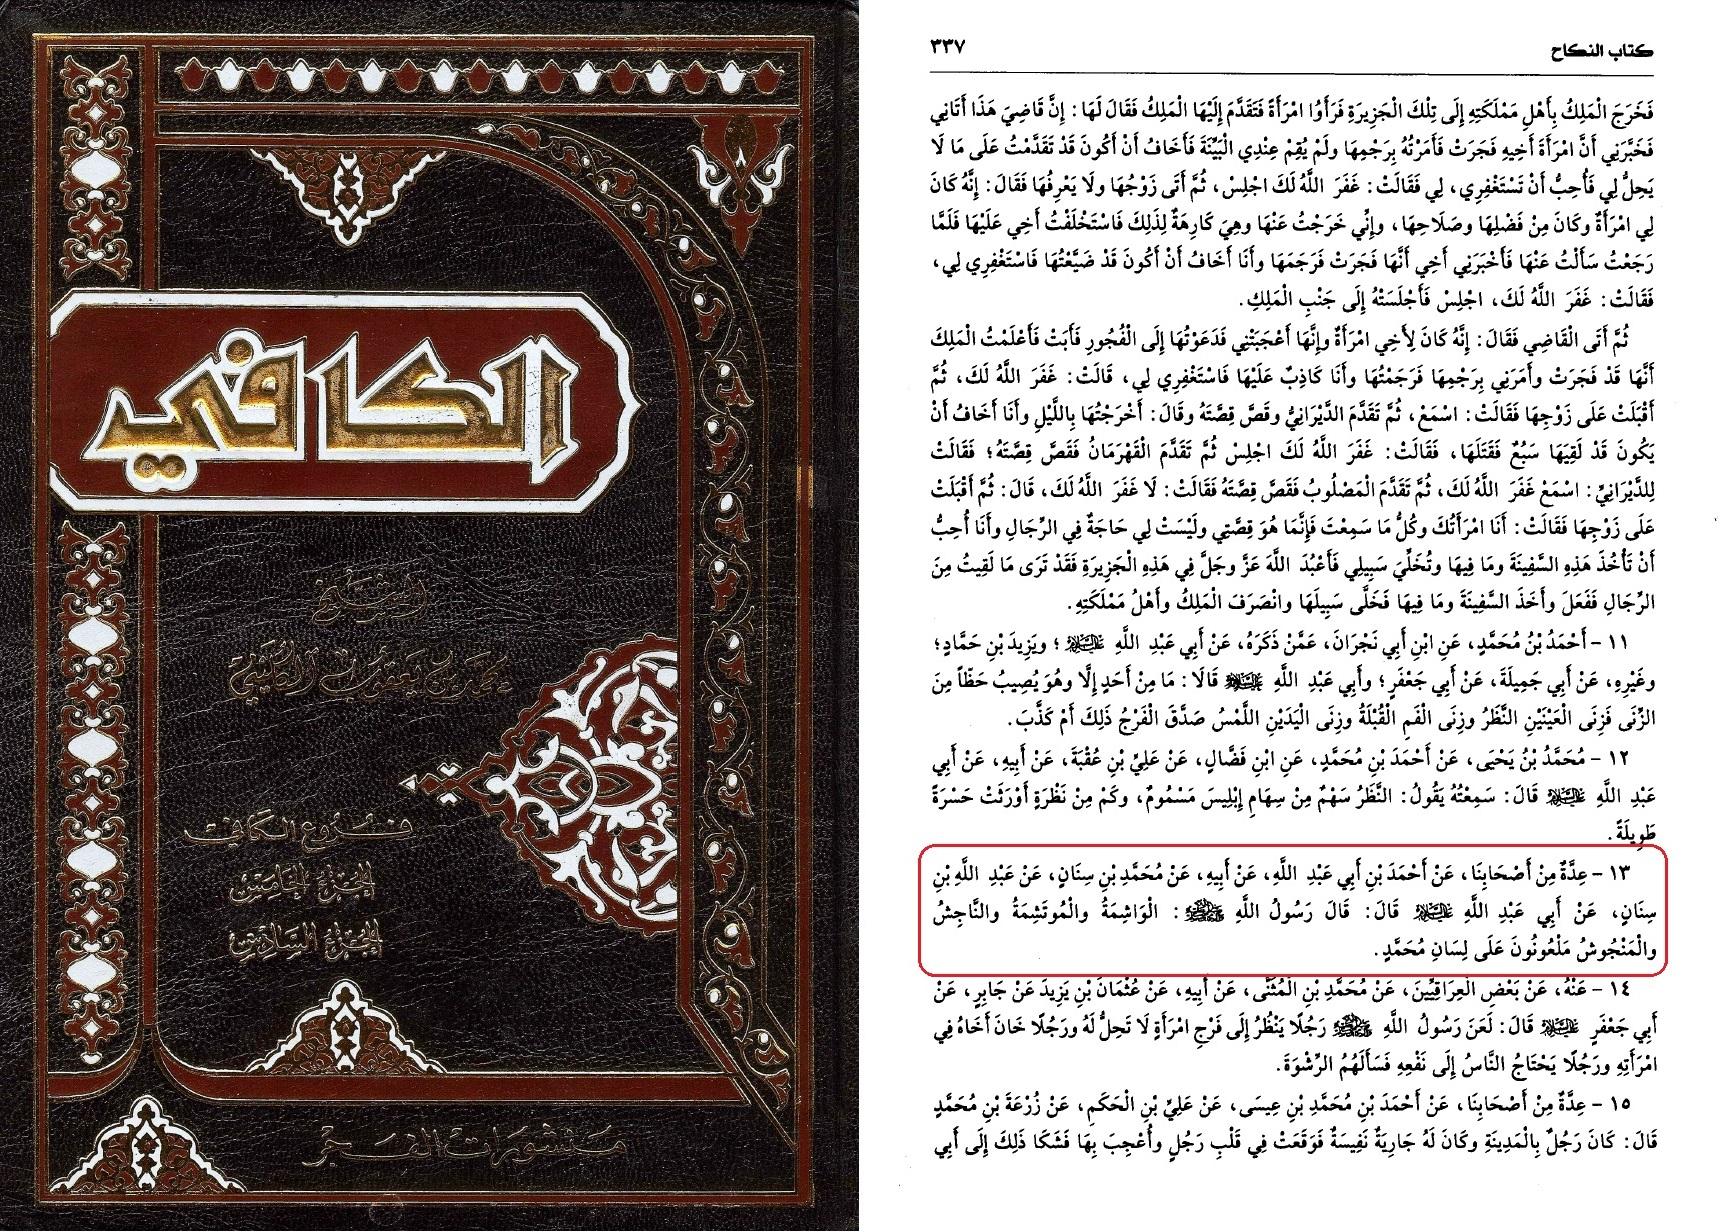 al Kafi B 5 S 337 H 13